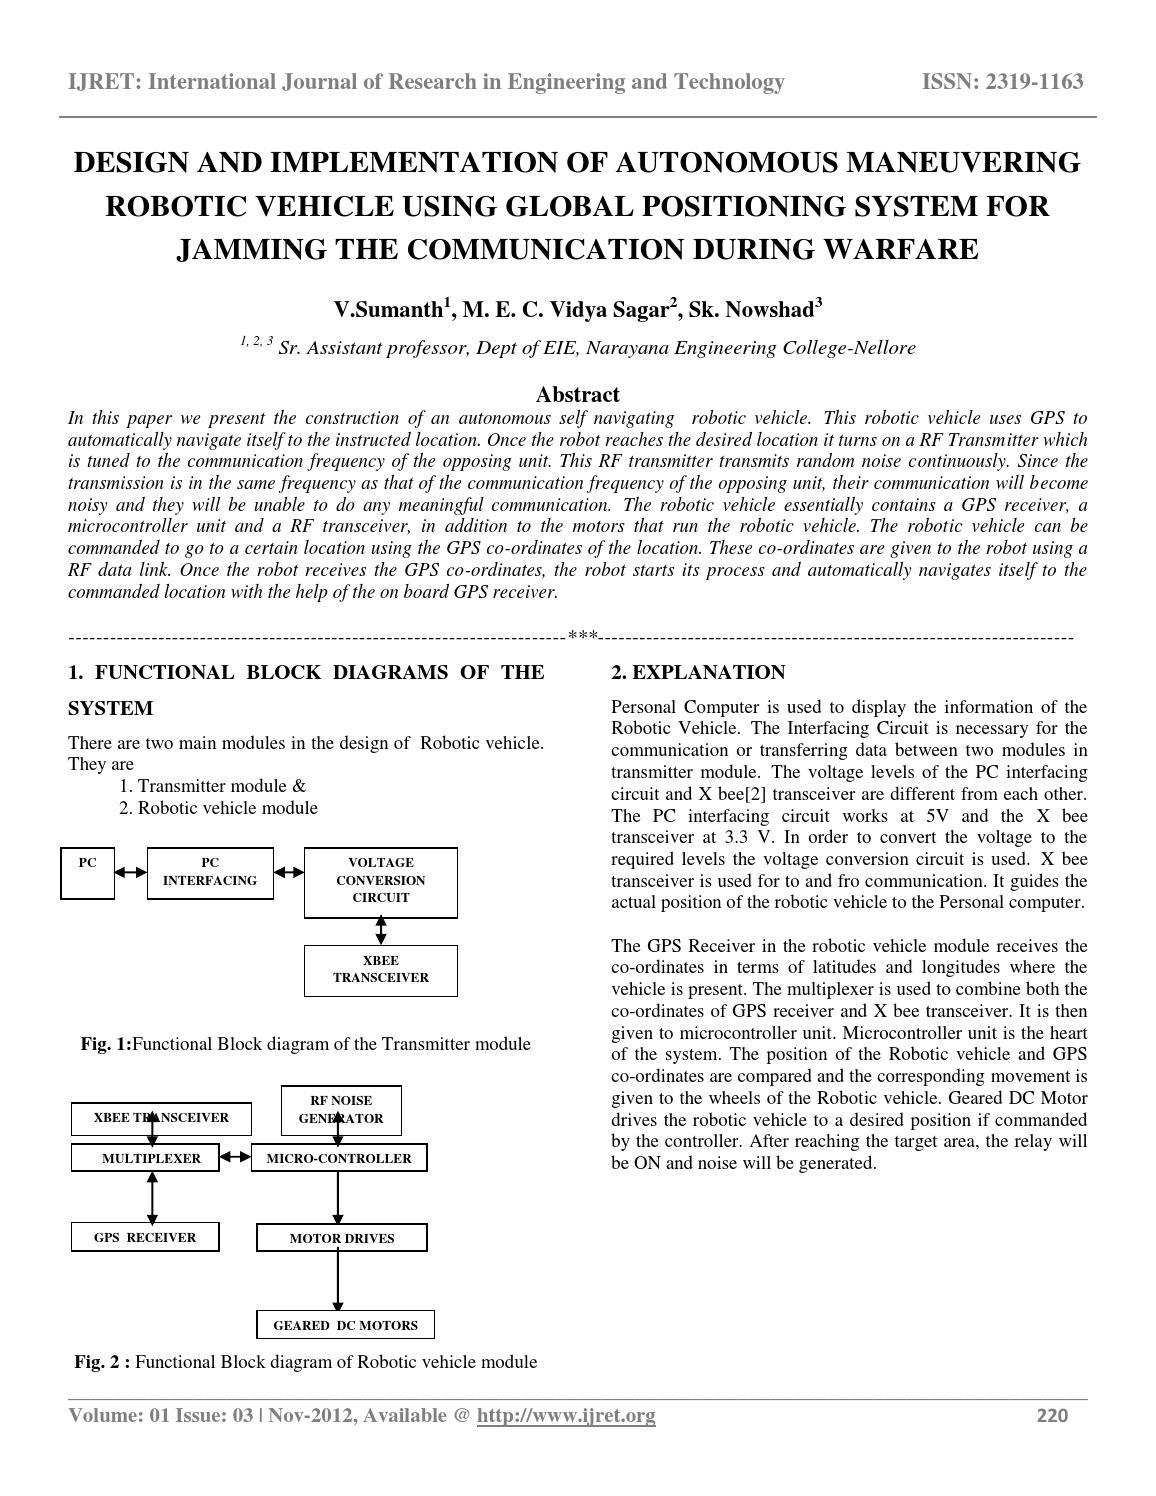 Design and implementation of autonomous maneuvering robotic